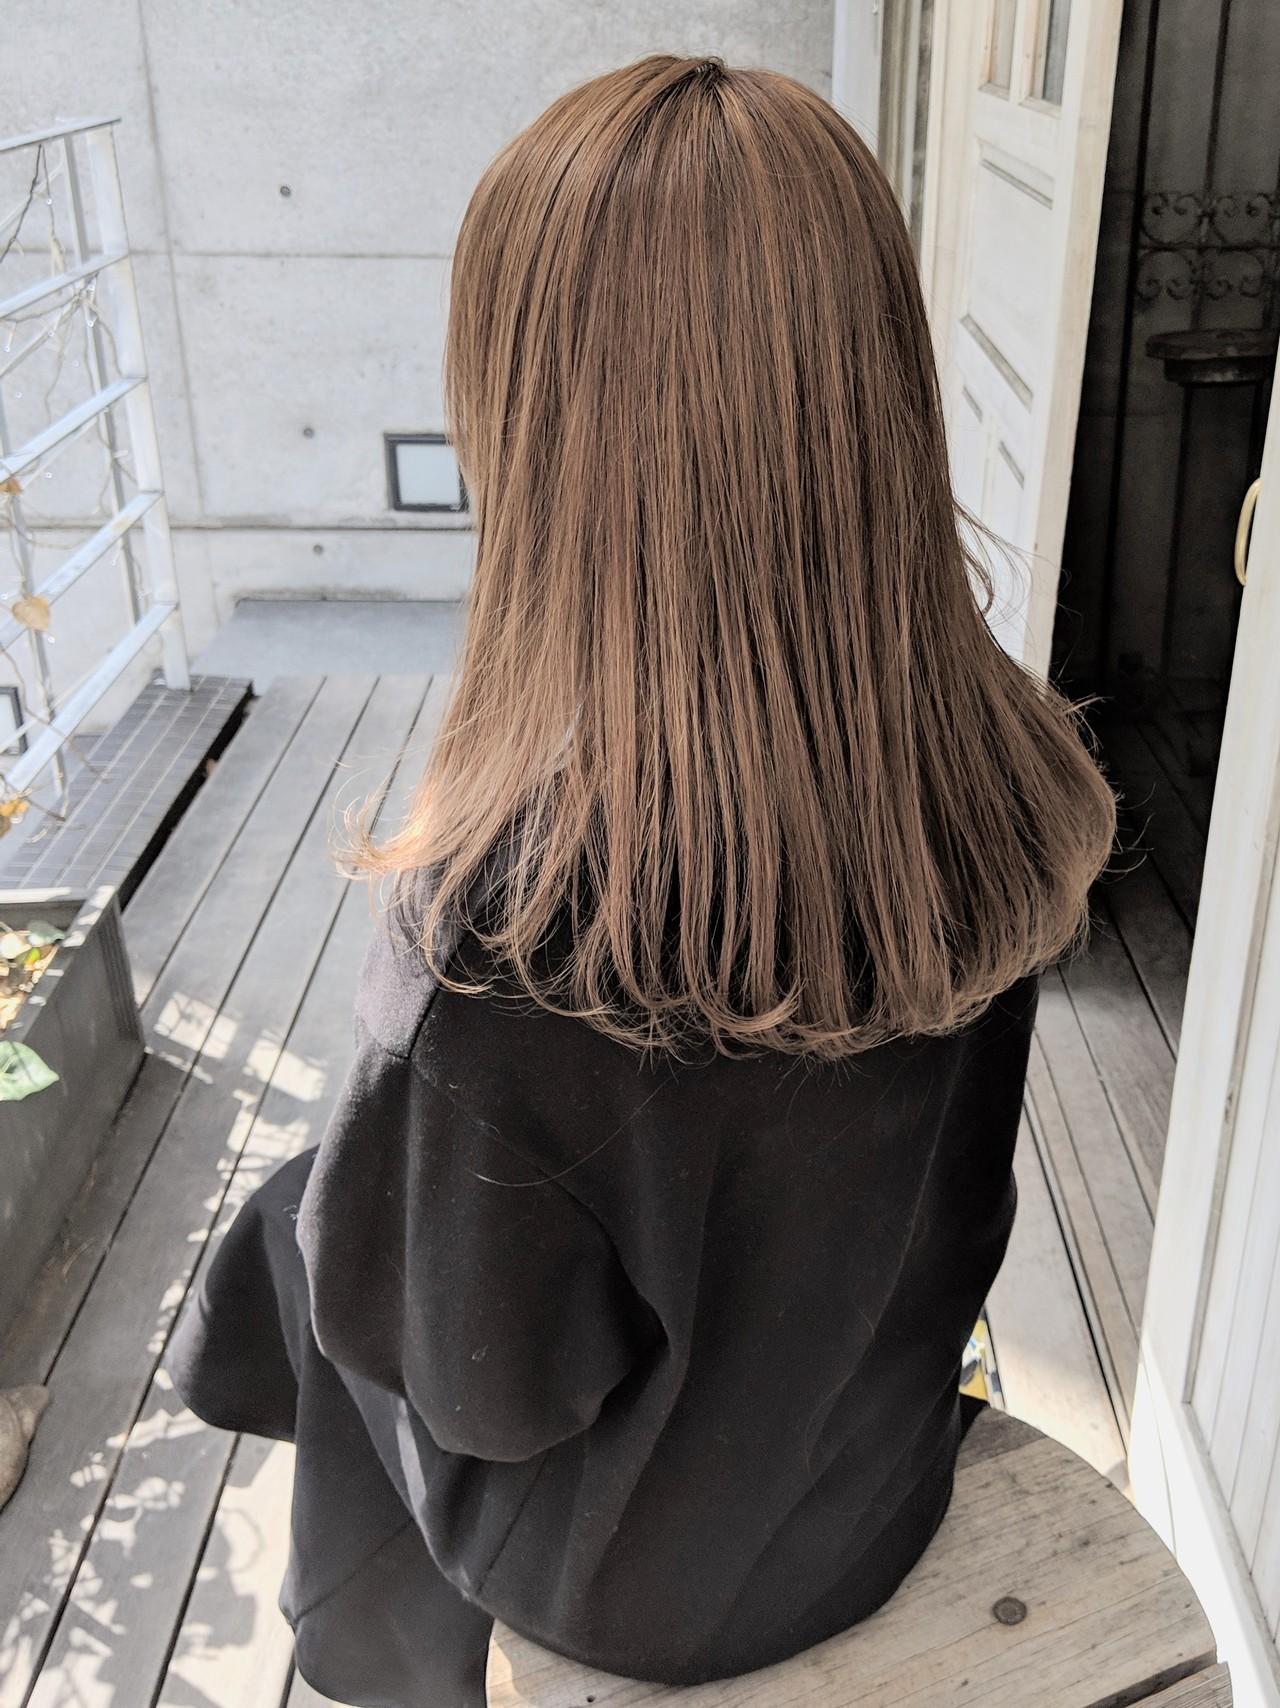 ハイトーン ミルクティーベージュ ヘアアレンジ ダブルカラー ヘアスタイルや髪型の写真・画像 | HIFUMI / möwen